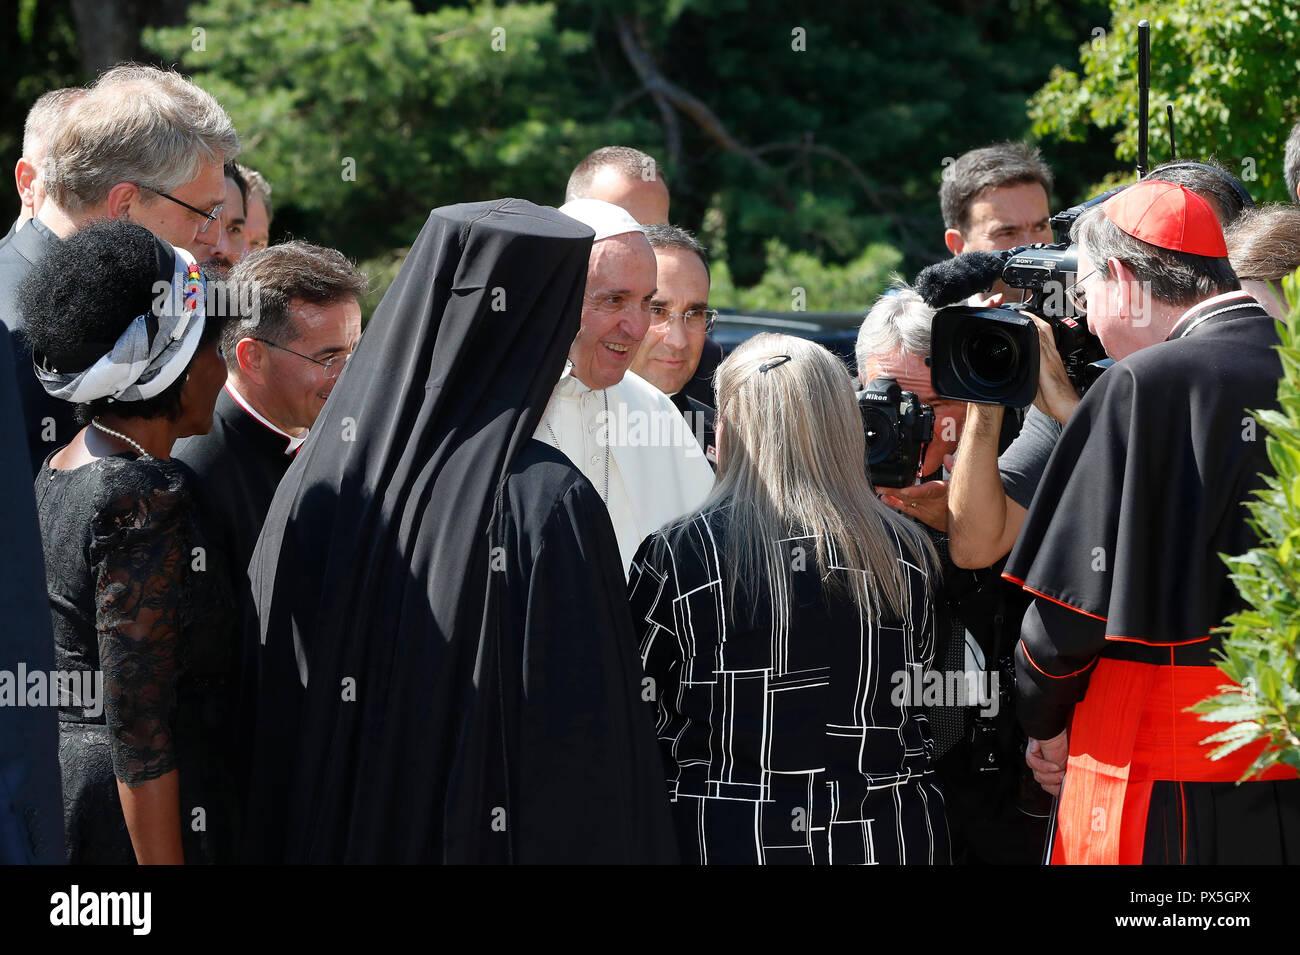 Le pape François visite le Conseil oecuménique des Eglises le 21 juin comme pièce maîtresse de la célébration oecuménique du COE's 70e anniversaire. La Suisse Photo Stock